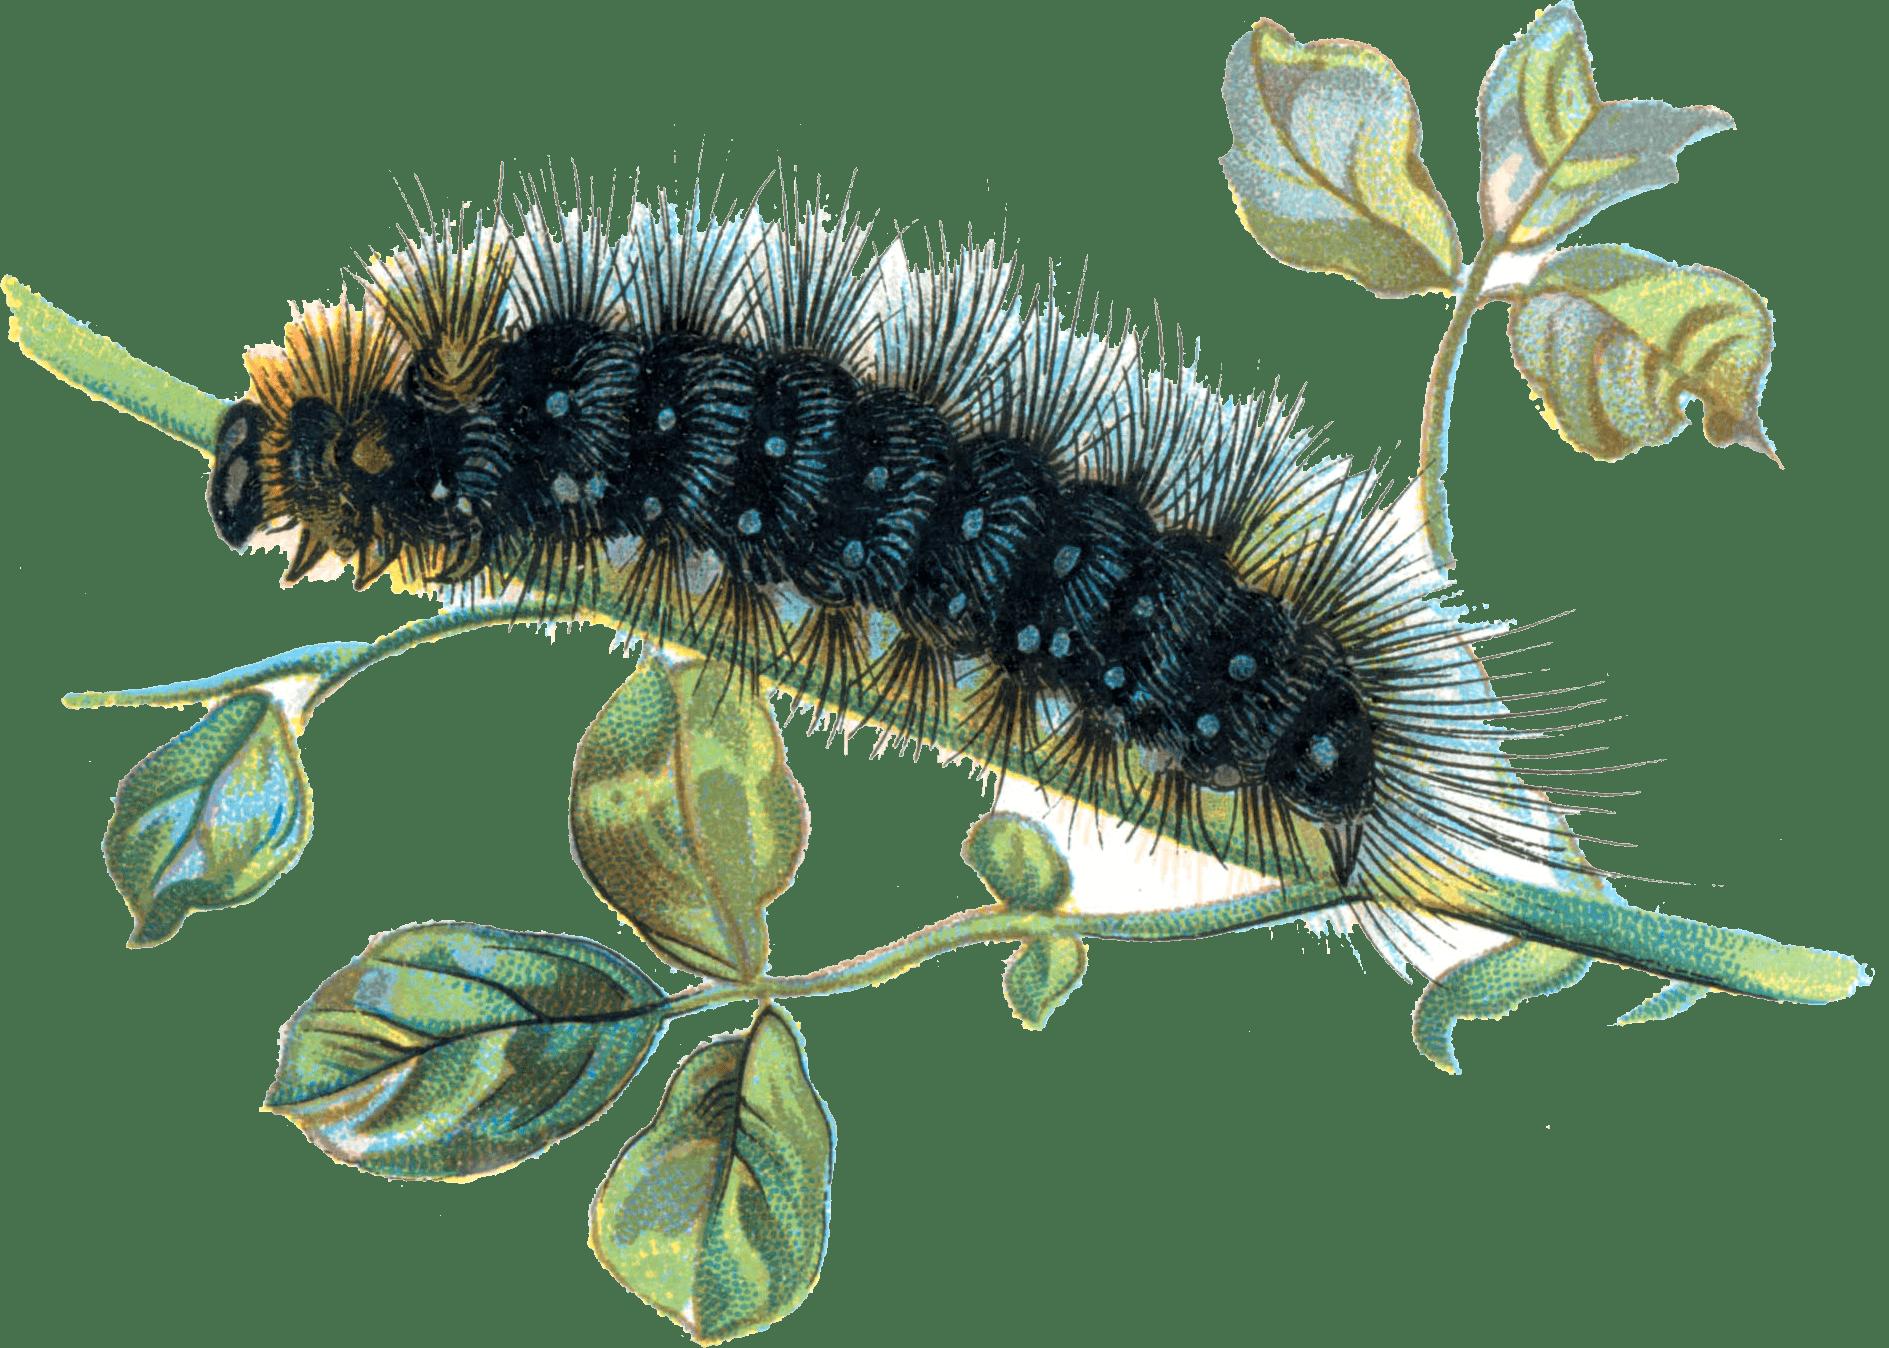 Worm clipart caterpillar number. Caterpillars transparent png images